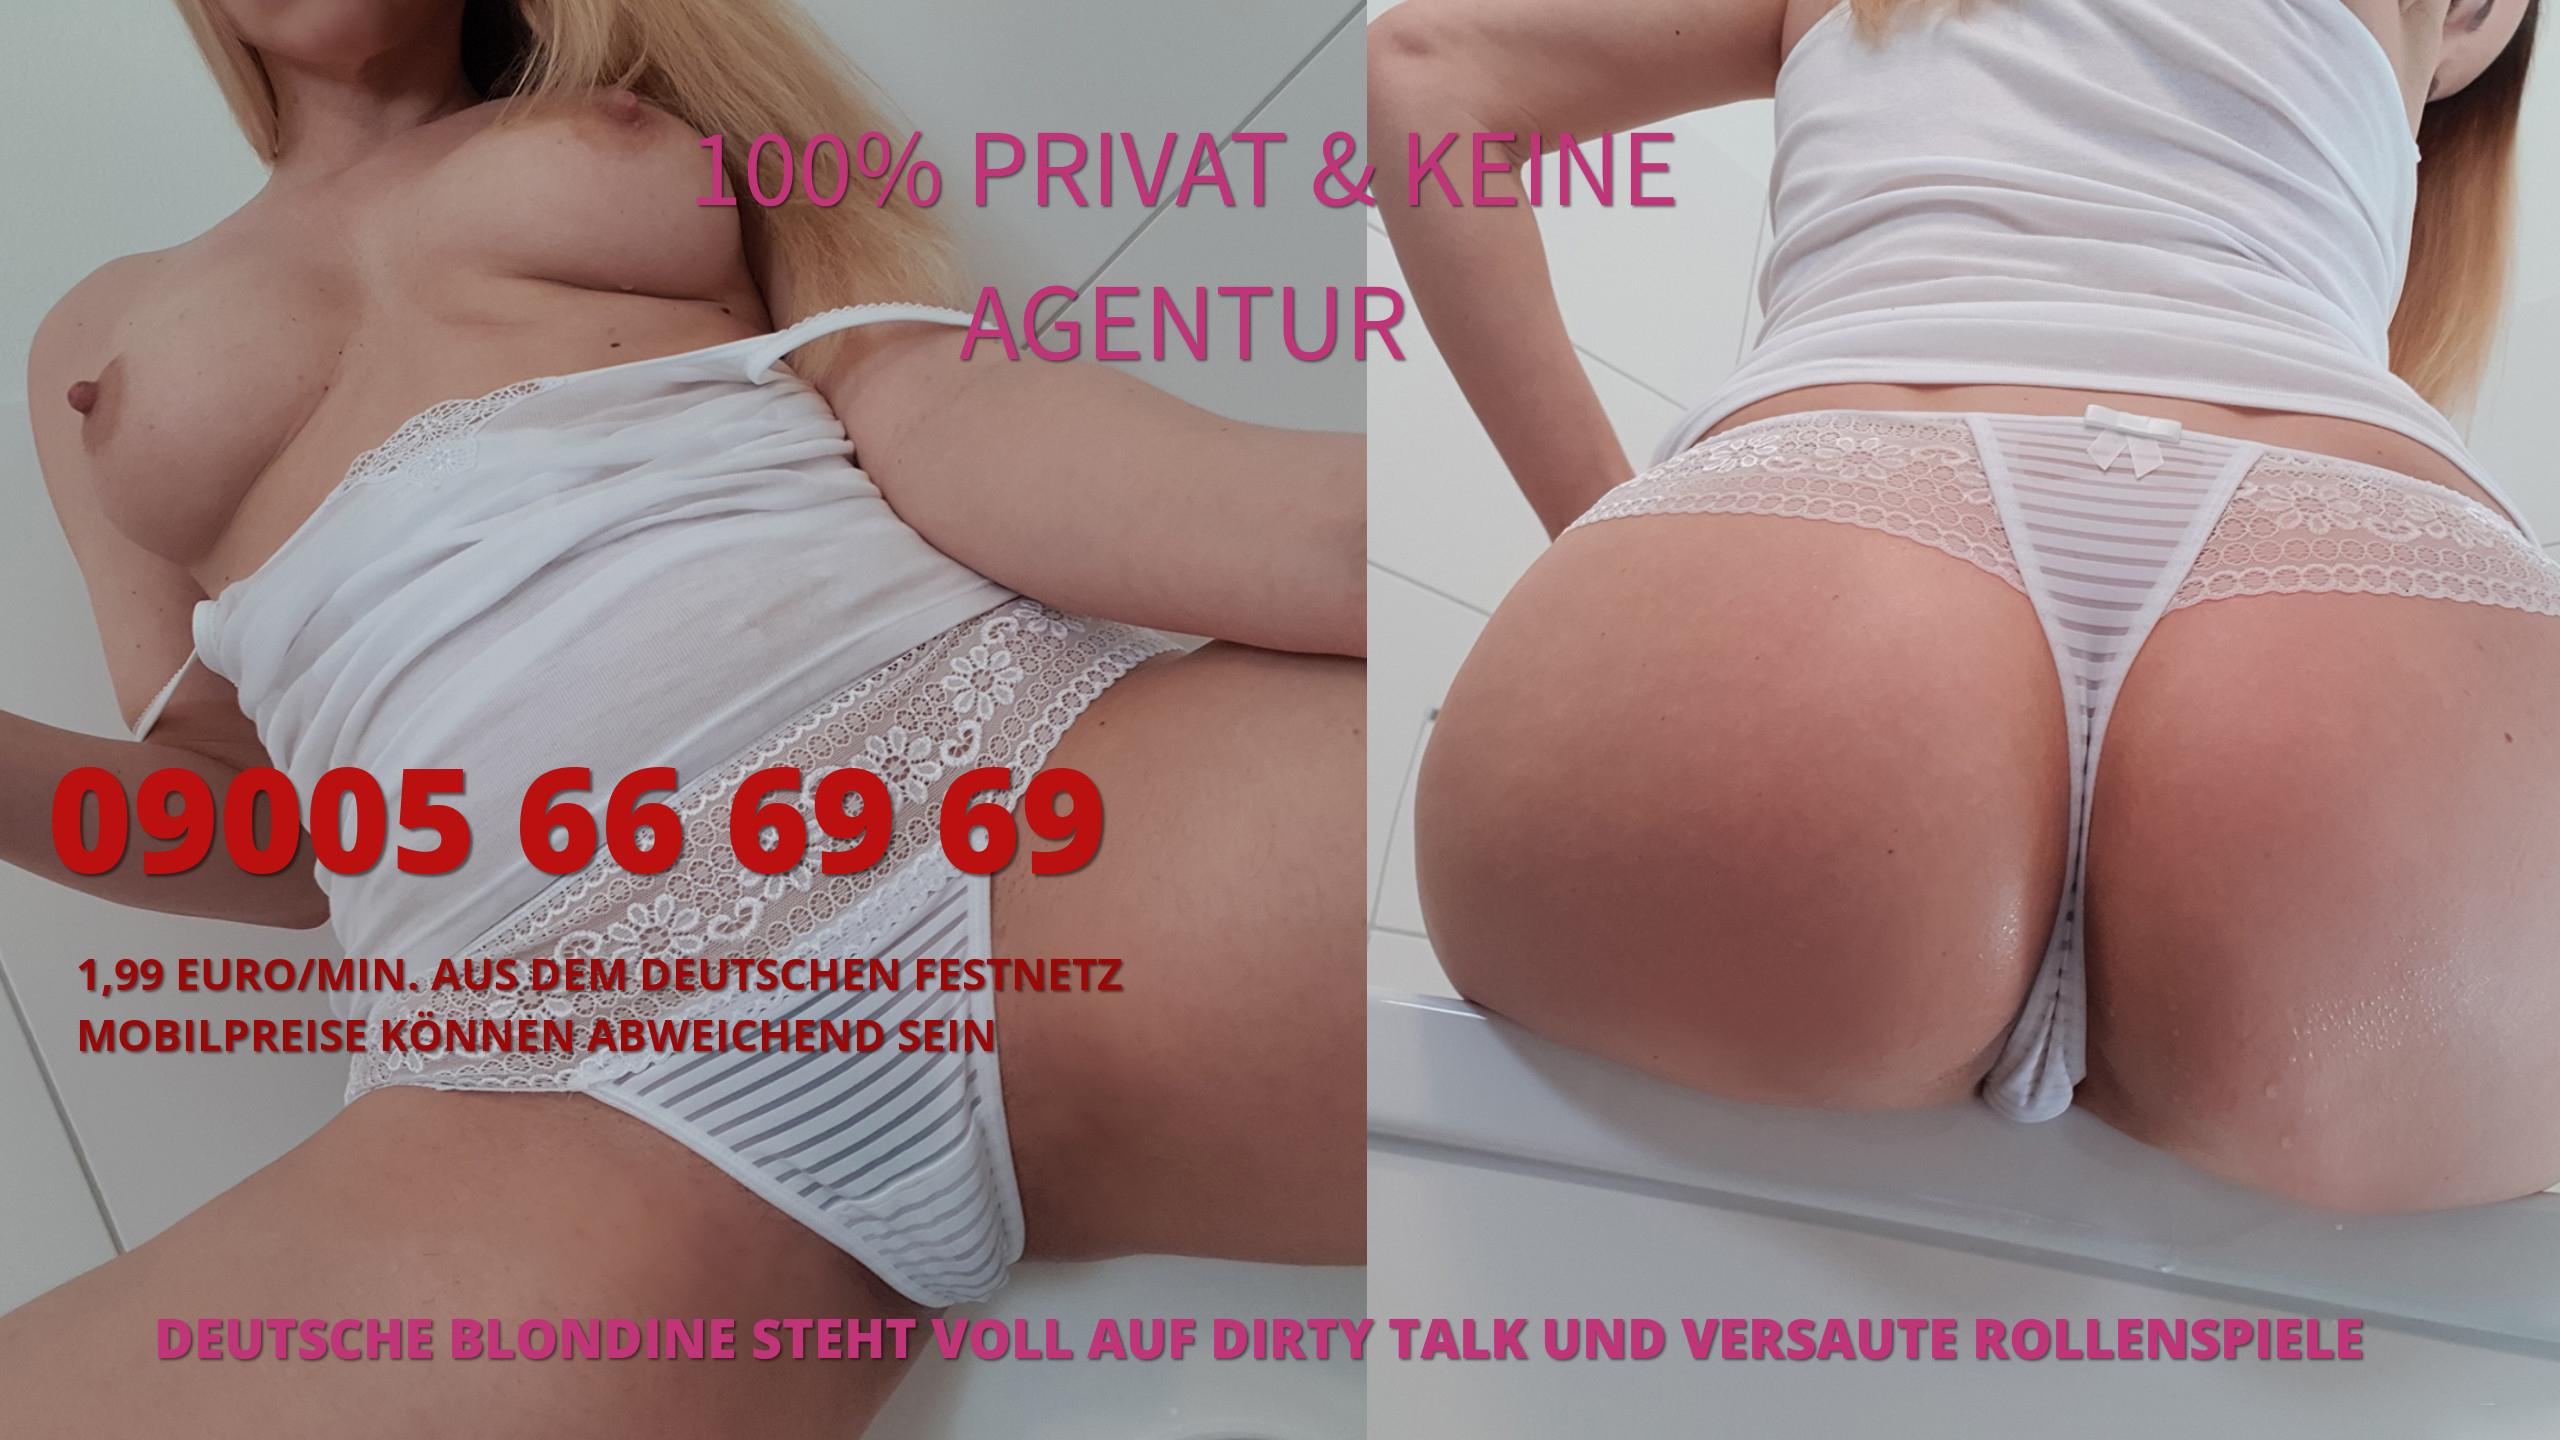 204 Deutsche,private Blondine, steht voll auf Dirty Talk